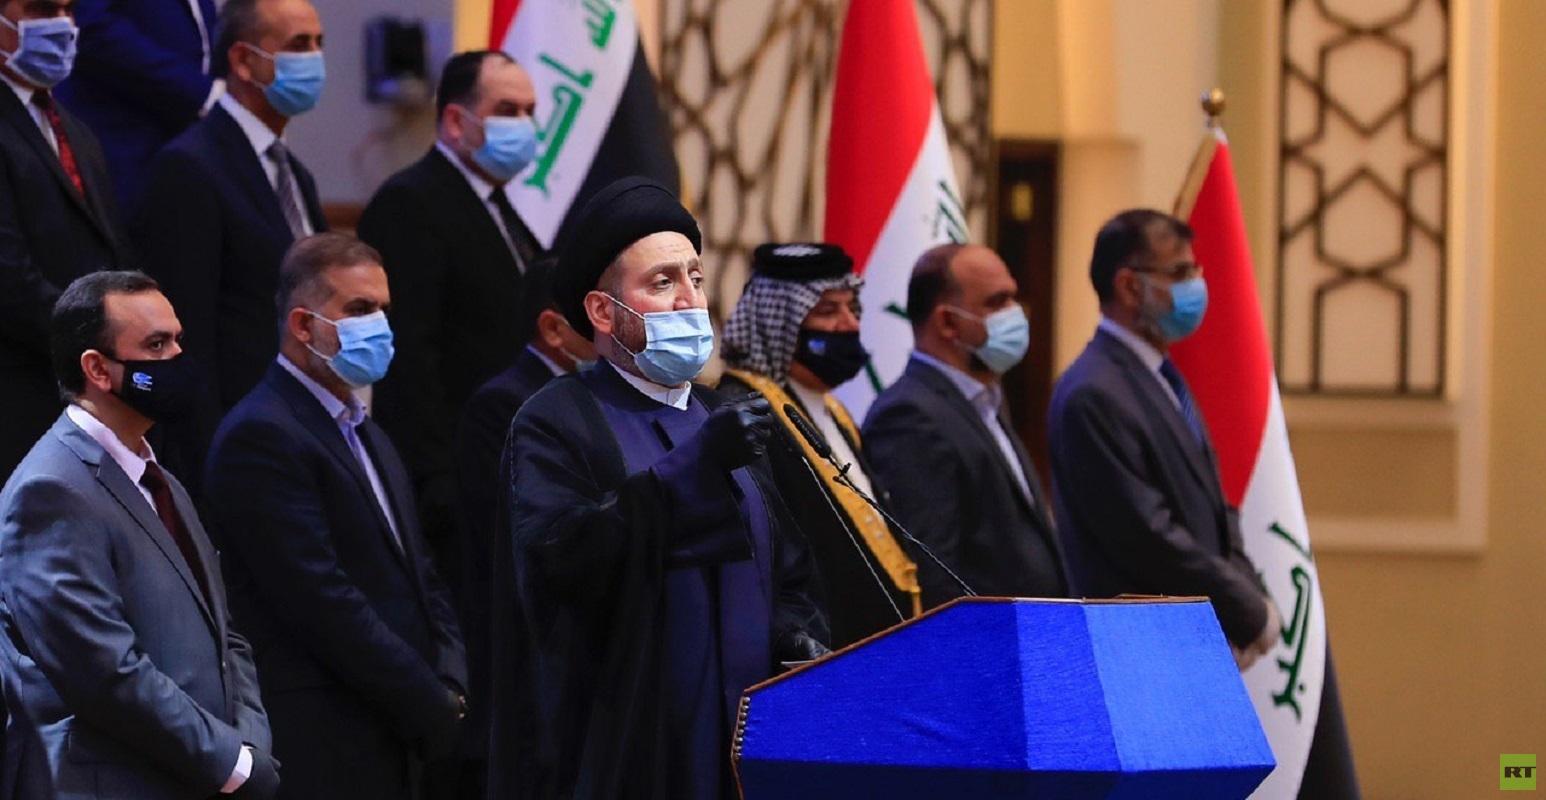 زعيم تيار الحكمة في العراق، عمار الحكيم ، يعلن تأسيس